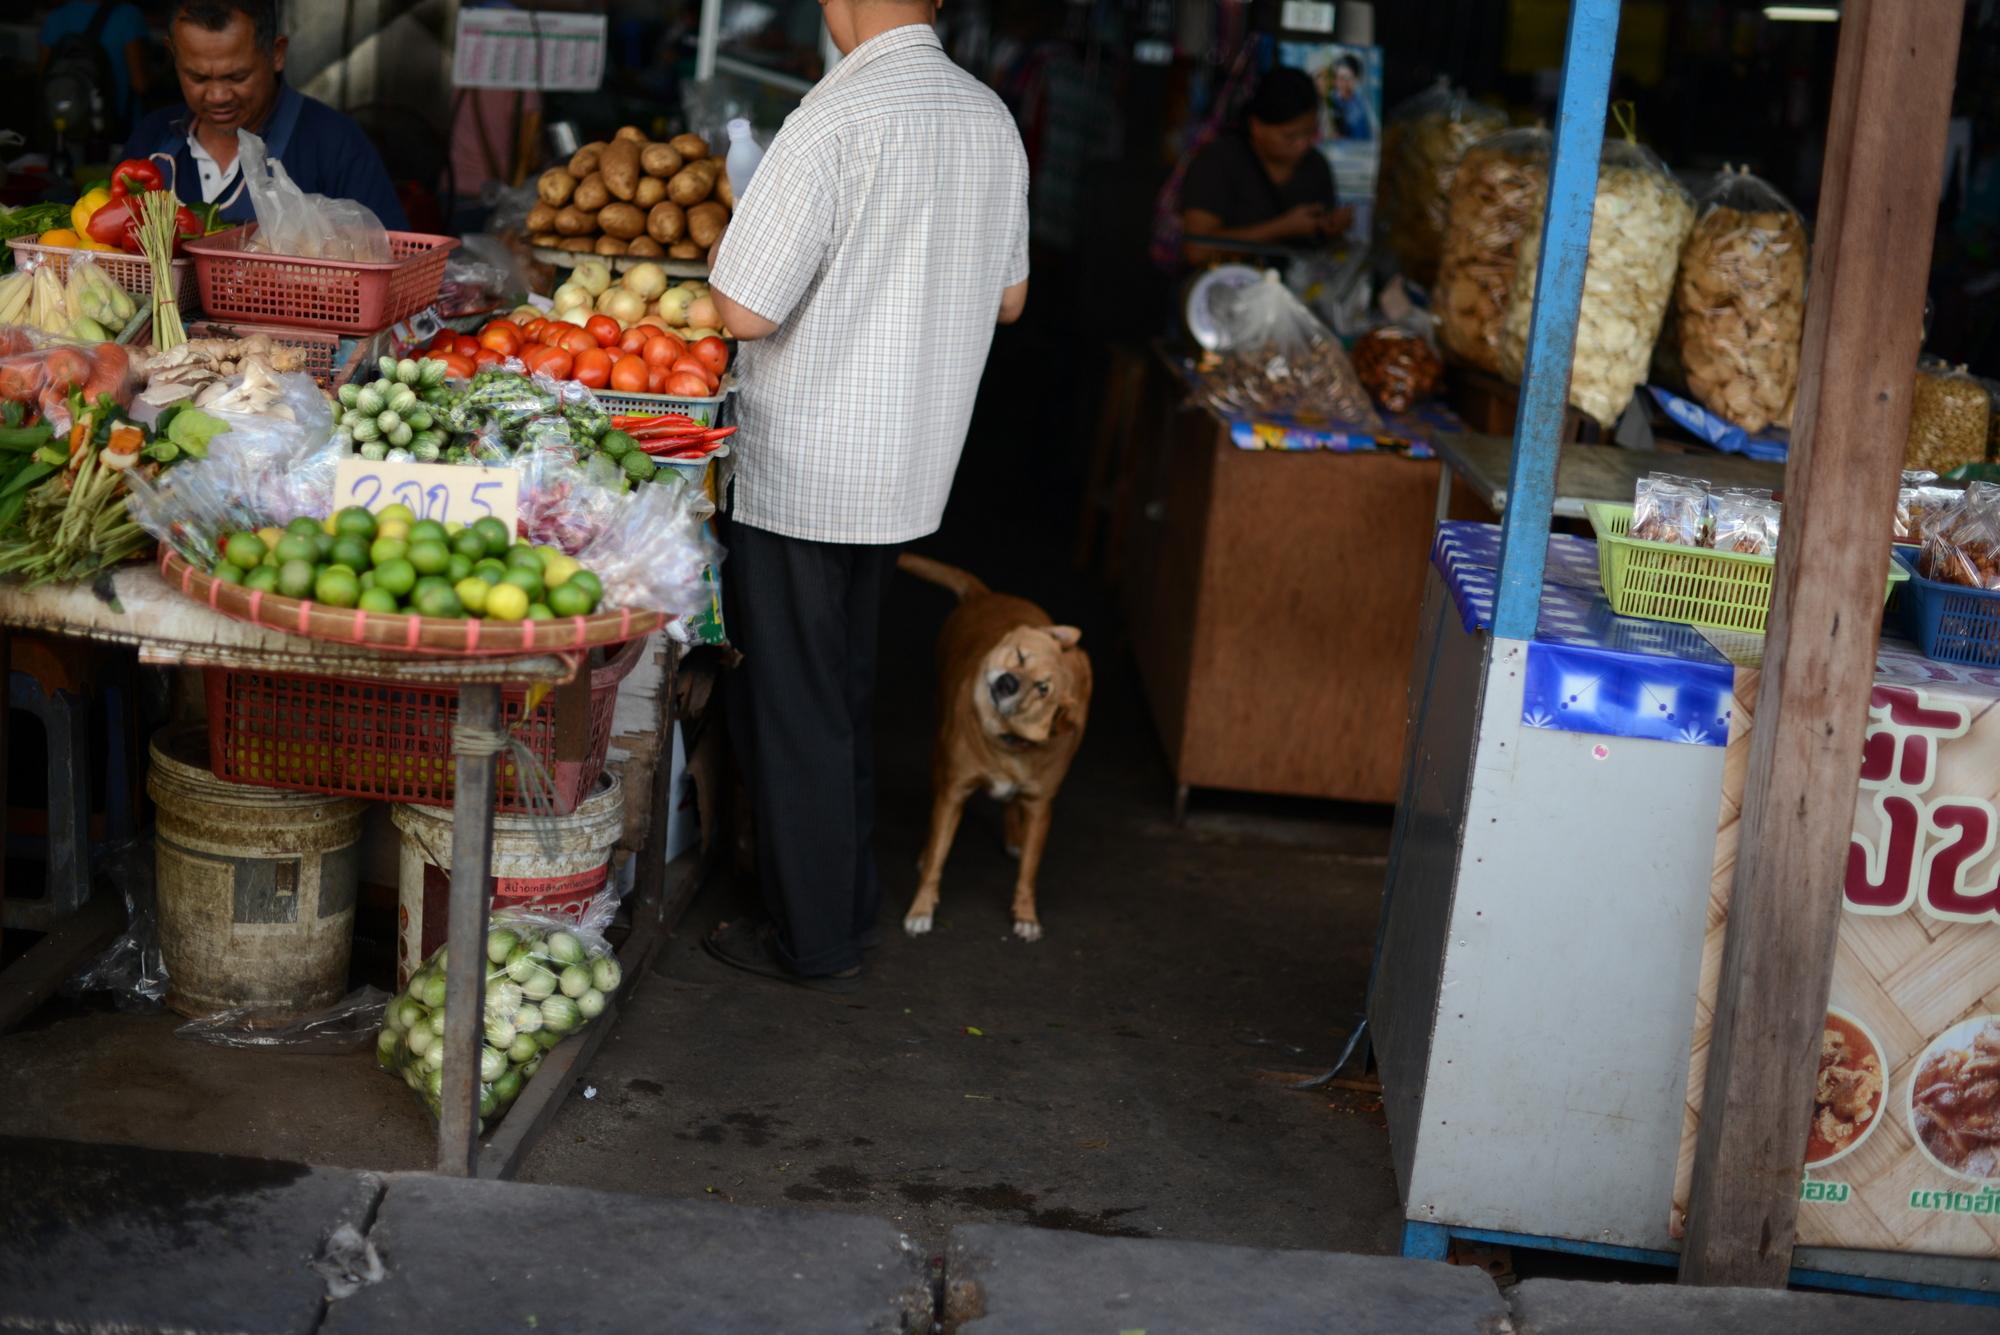 2013ランパーン/首を振る犬